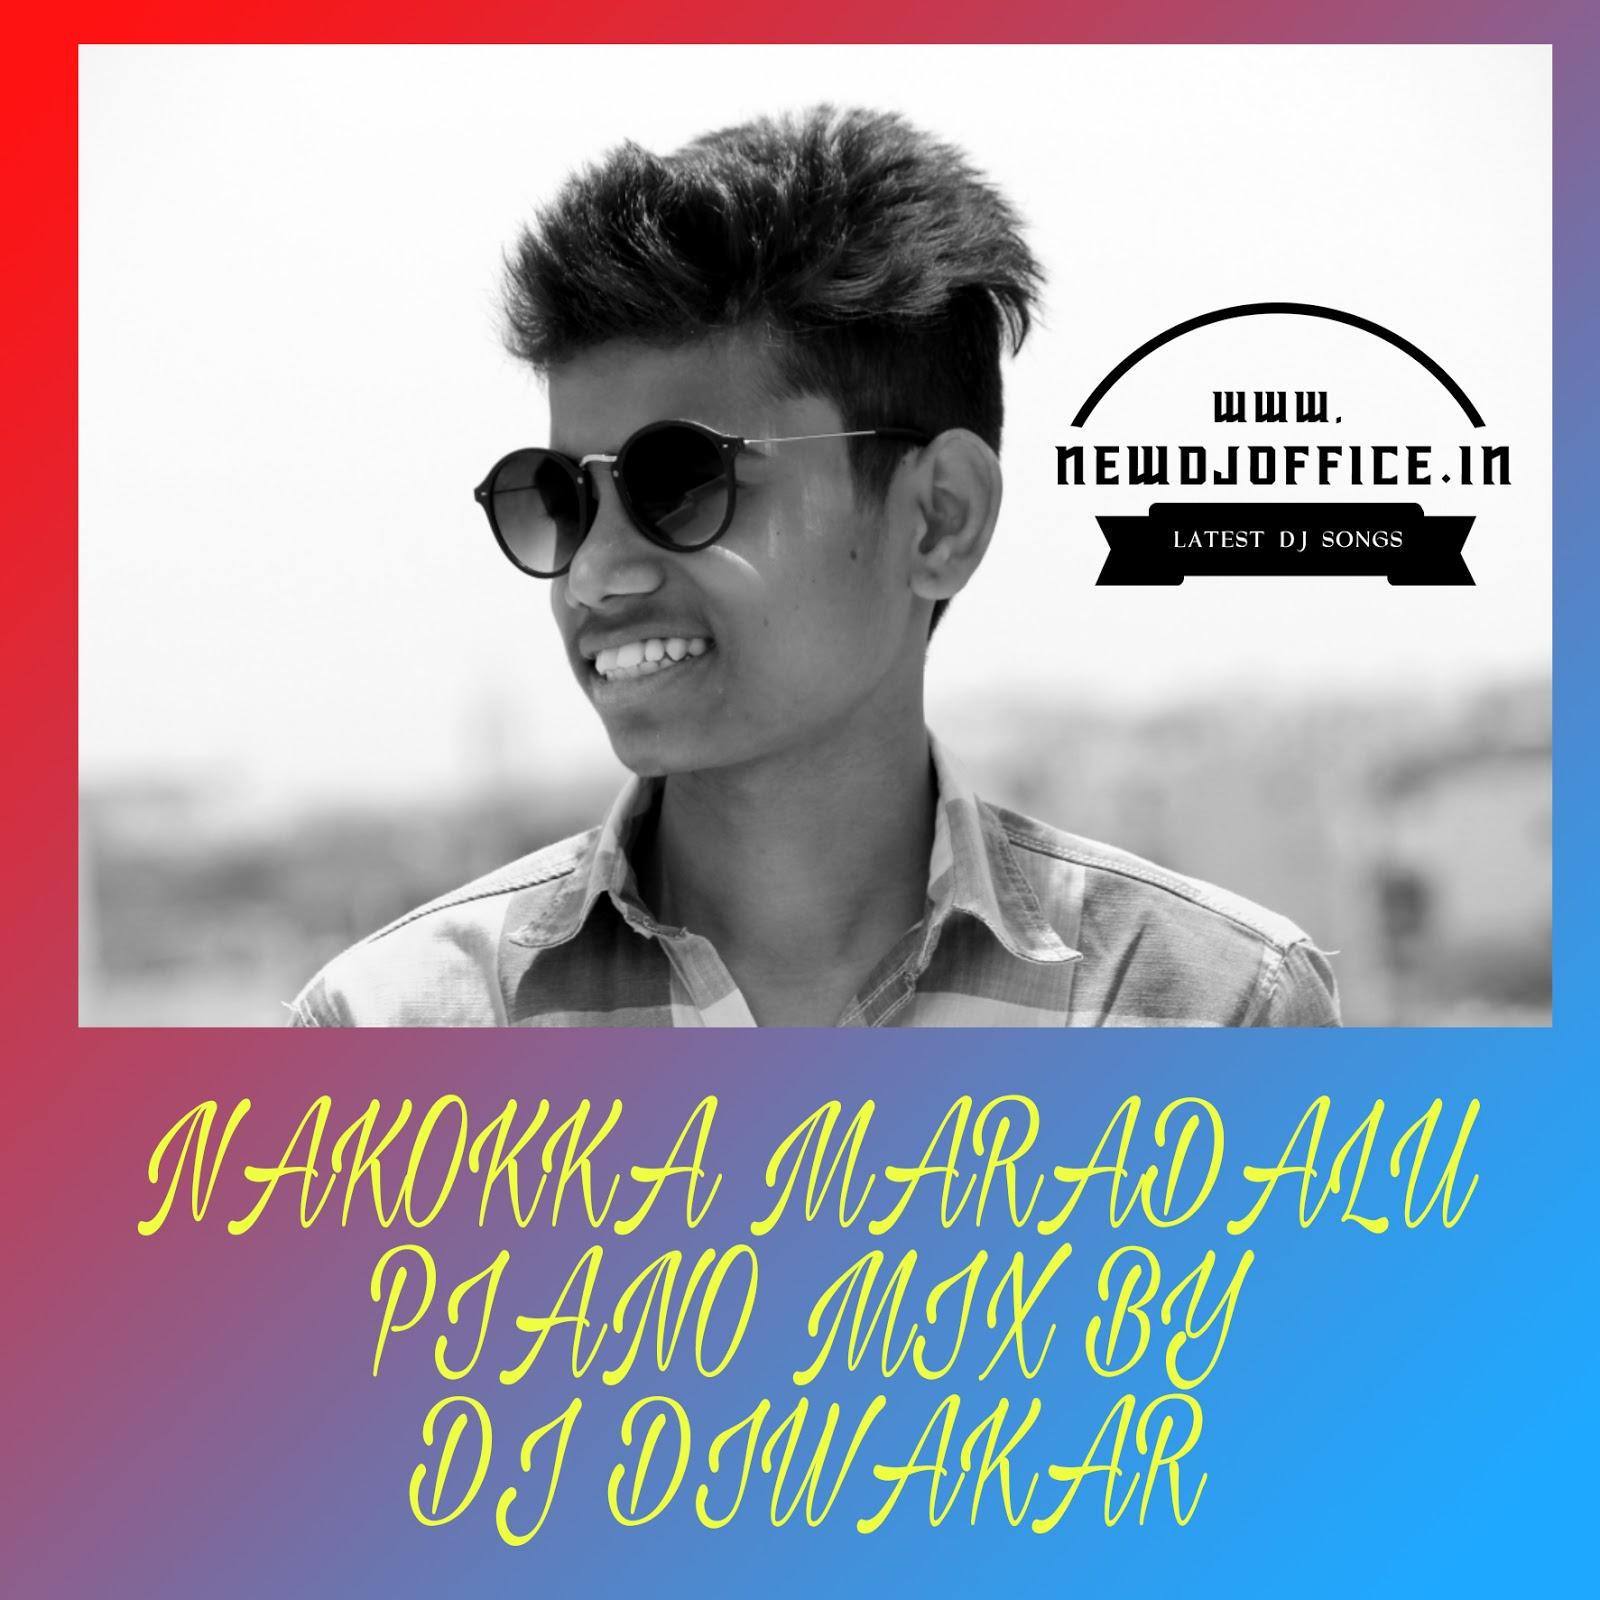 Dil Diyan Gallan Mp3 Song Download: NAKOKA MARDAL UNNADI RA SONG PIANO DJ MIX